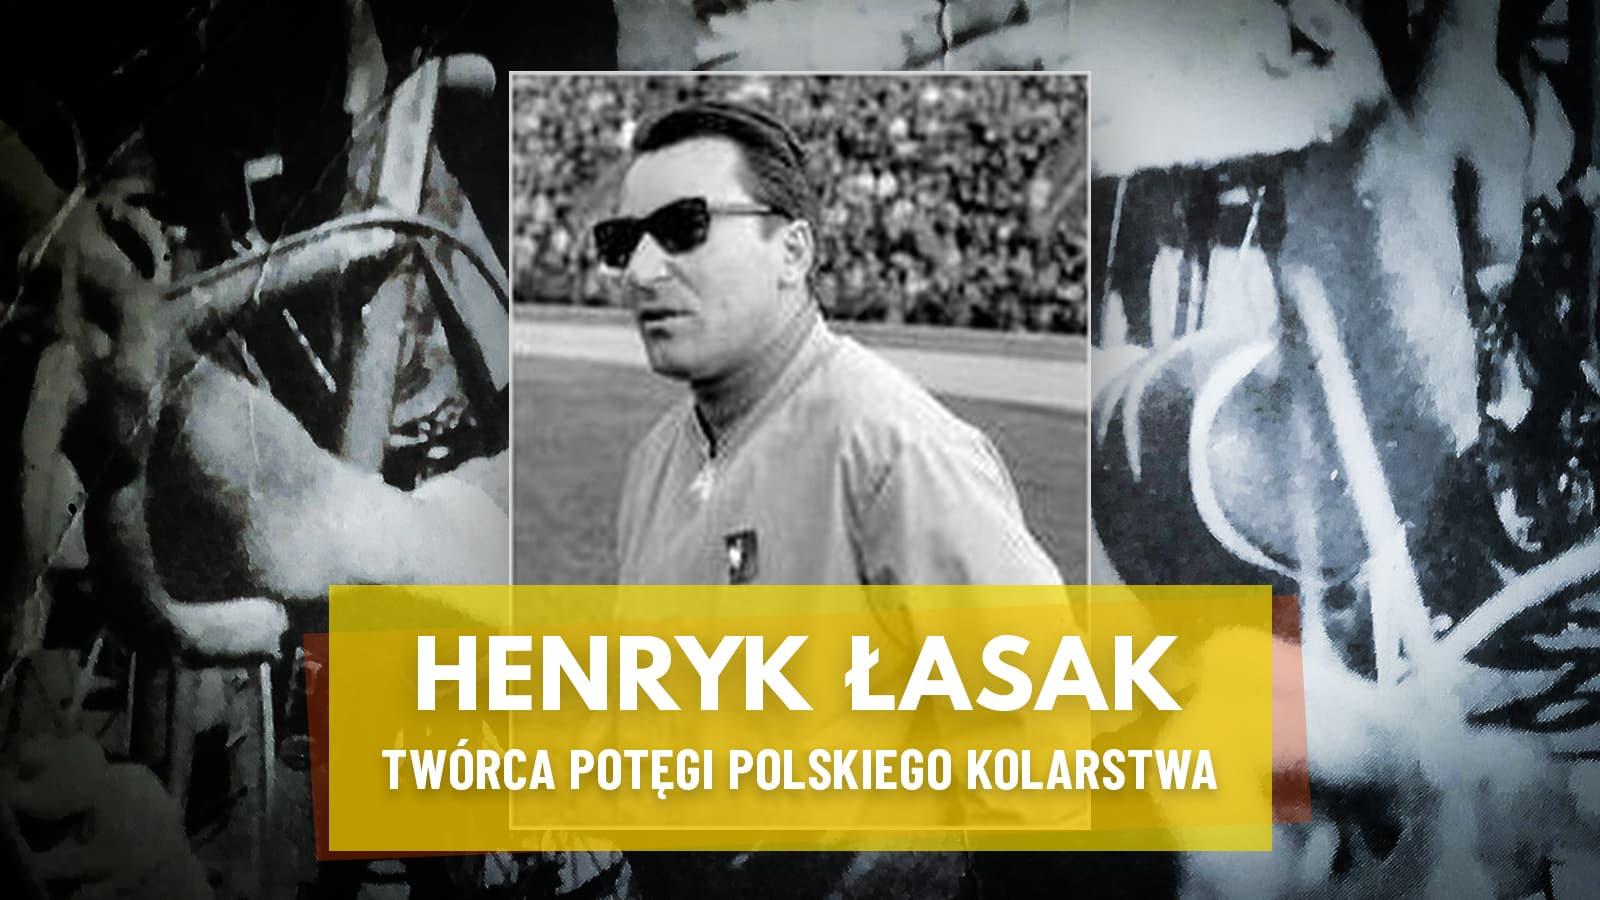 Henryk Łasak: najwybitniejszy z wybitnych. To on wprowadził polskie kolarstwo na salony